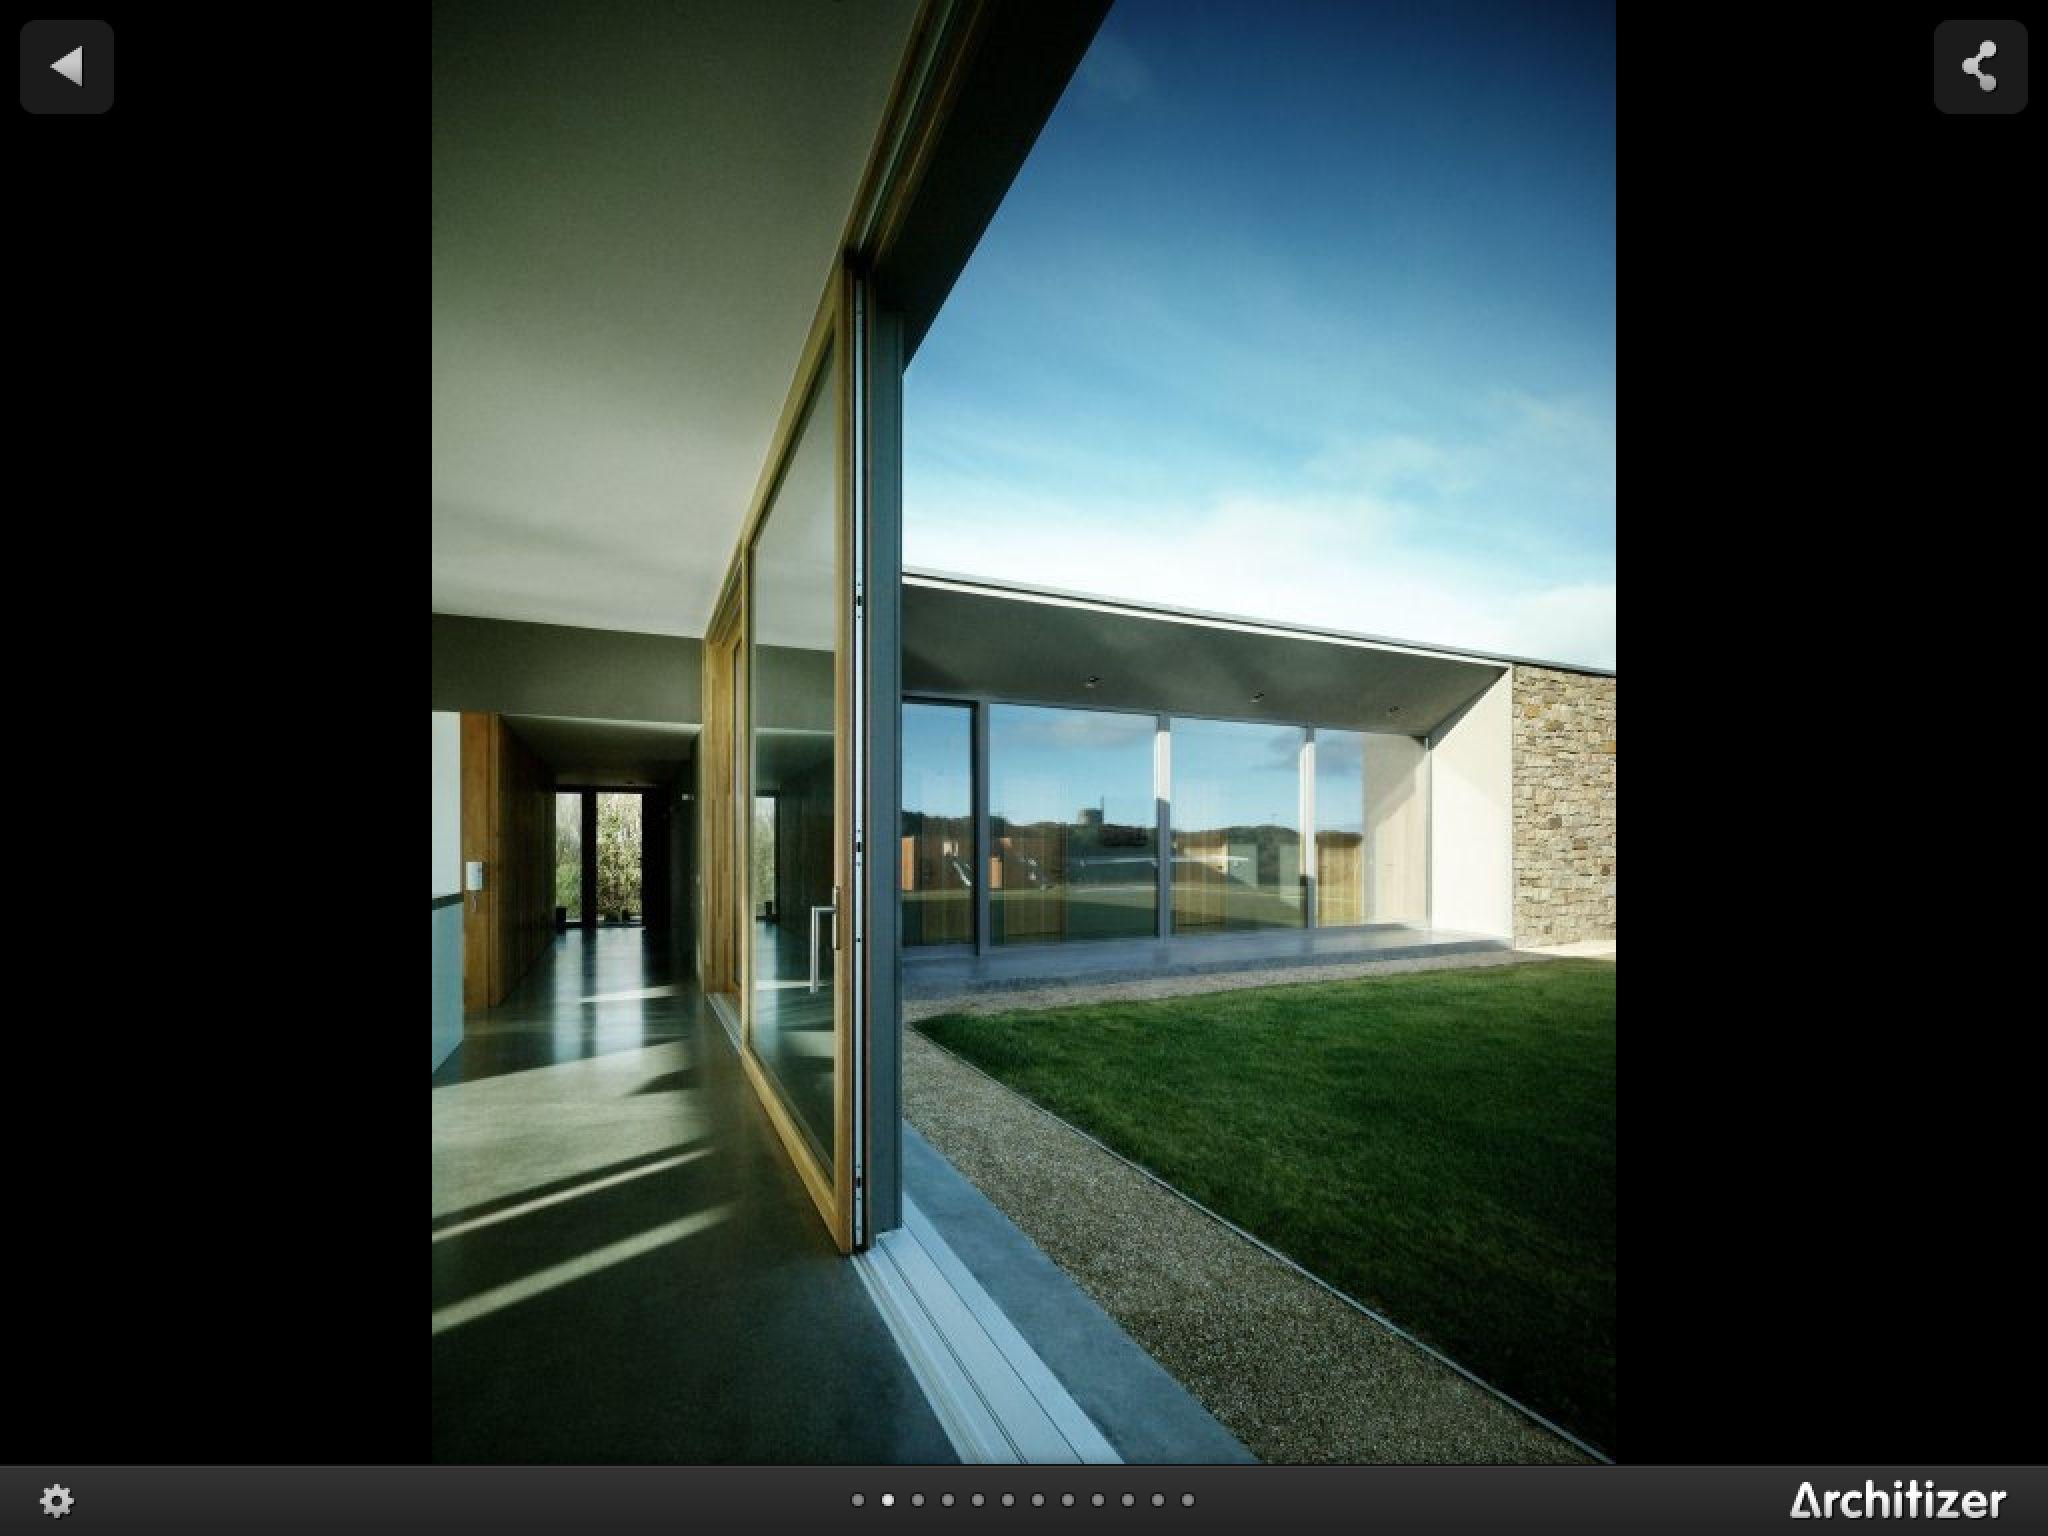 Pin von Anastasia Schranz auf Architecture | Pinterest